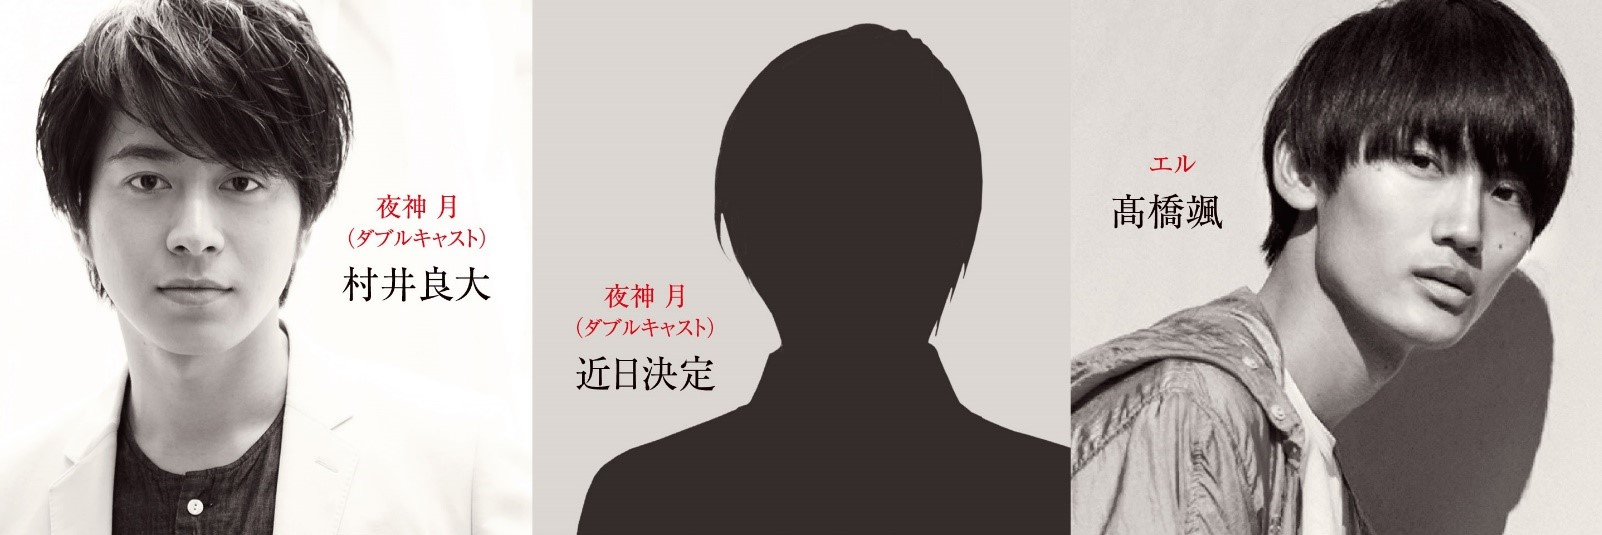 2020年1月上演『デスノートTHE MUSICAL』新キャスト発表!!